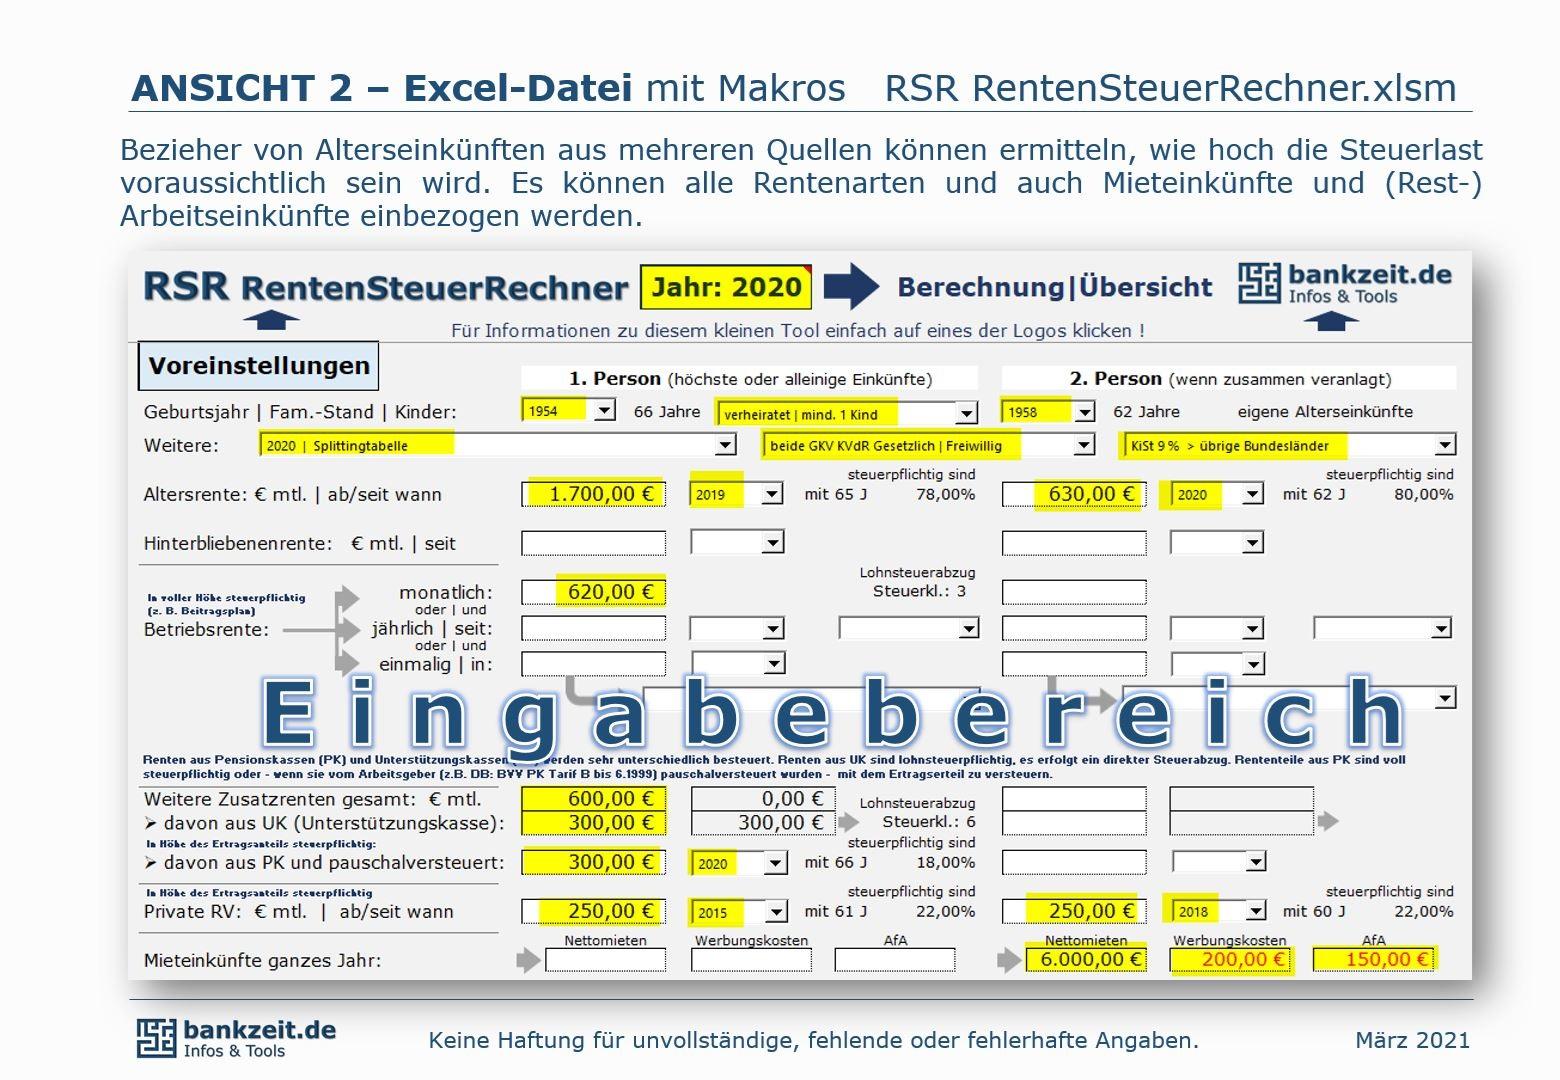 RSR RentenSteuerRechner